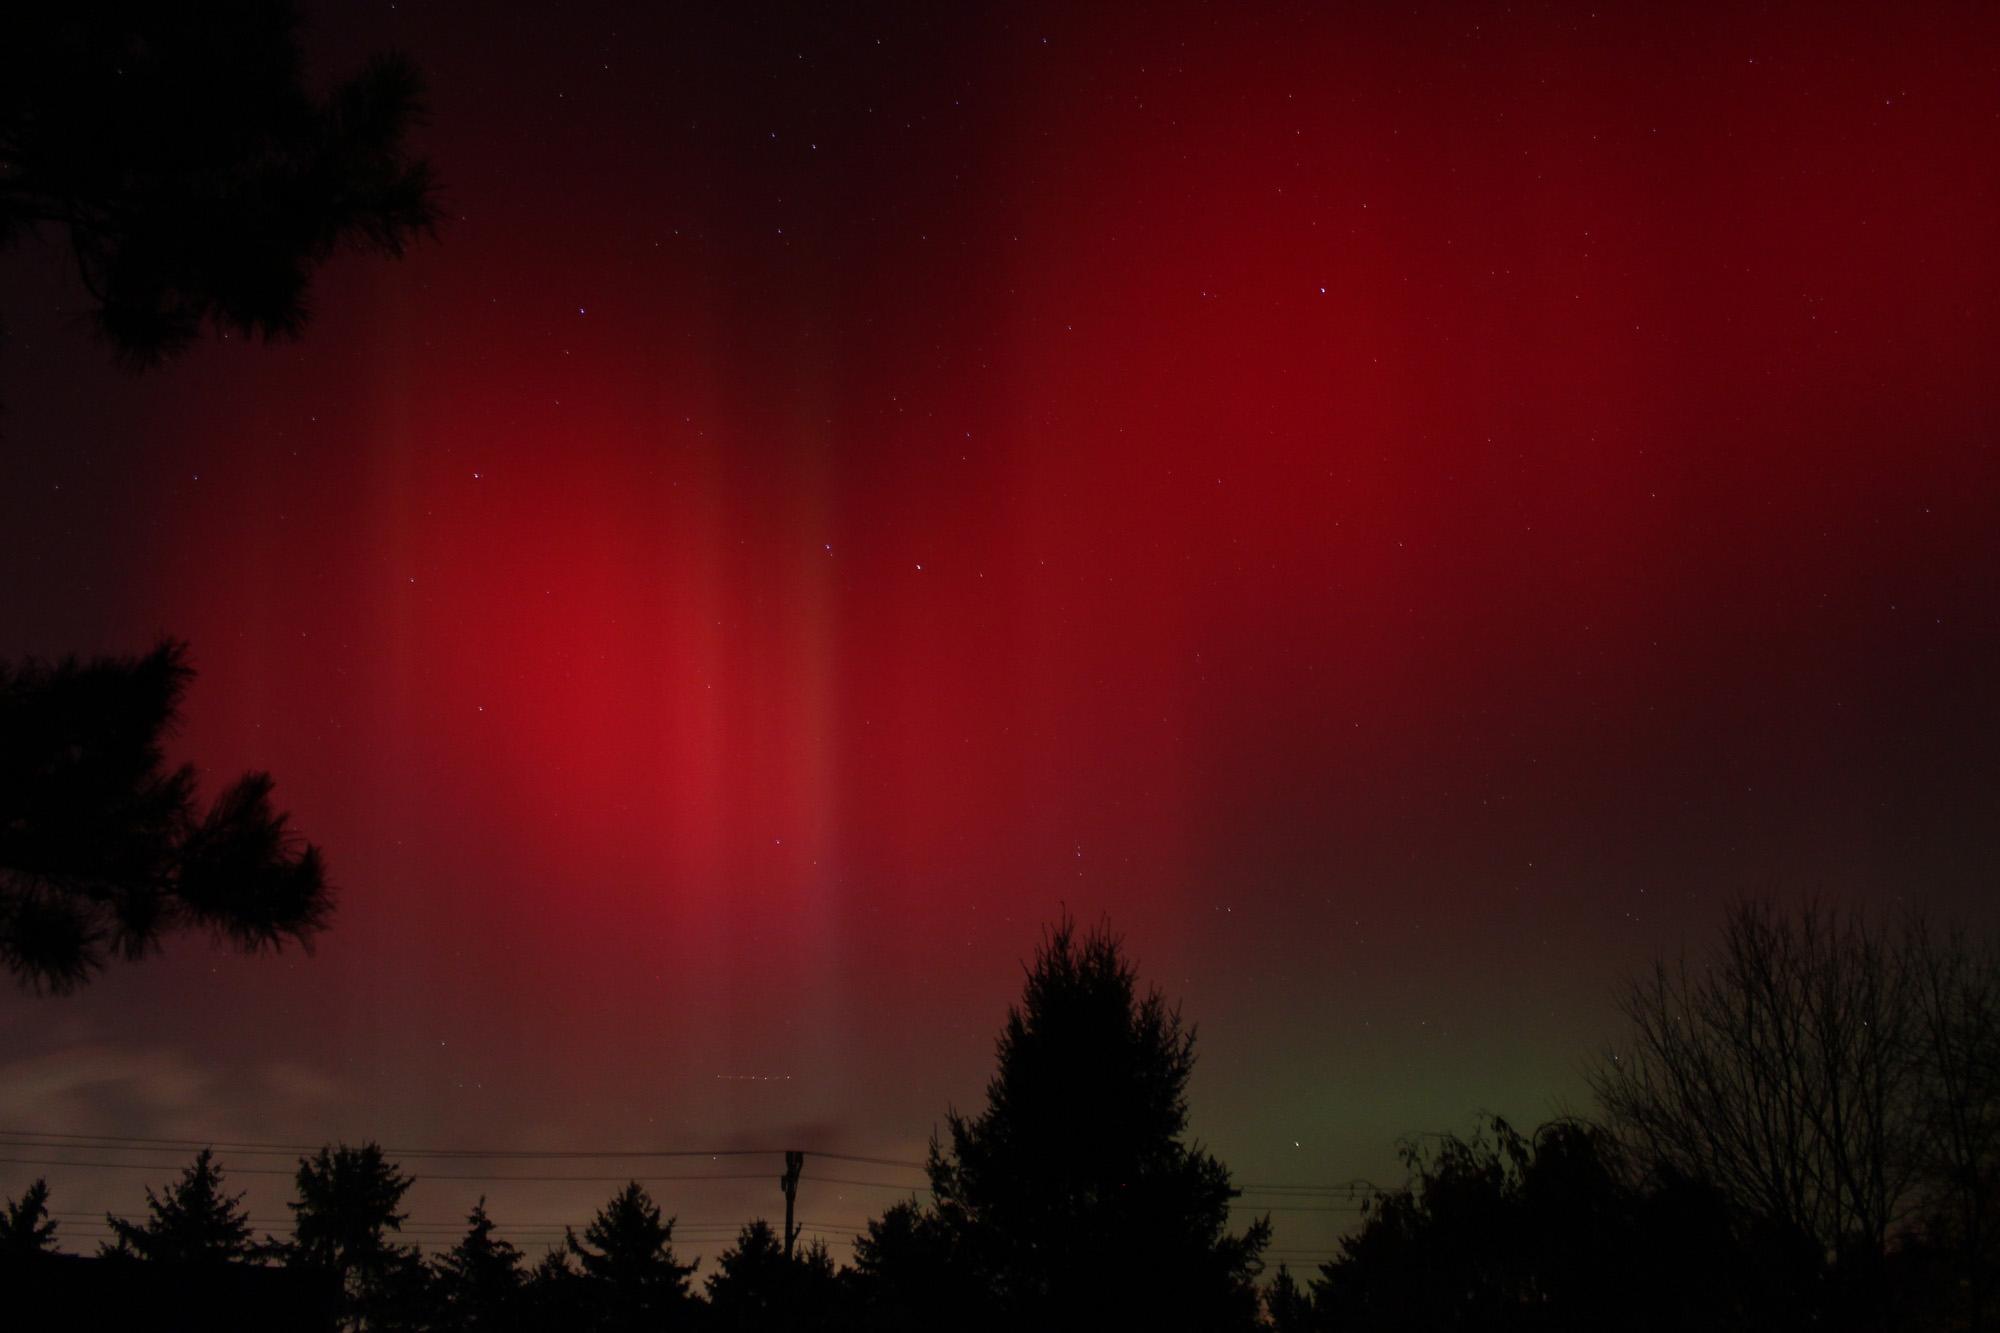 Northern Lights of Oct. 24, 2011: Samuel Hartman